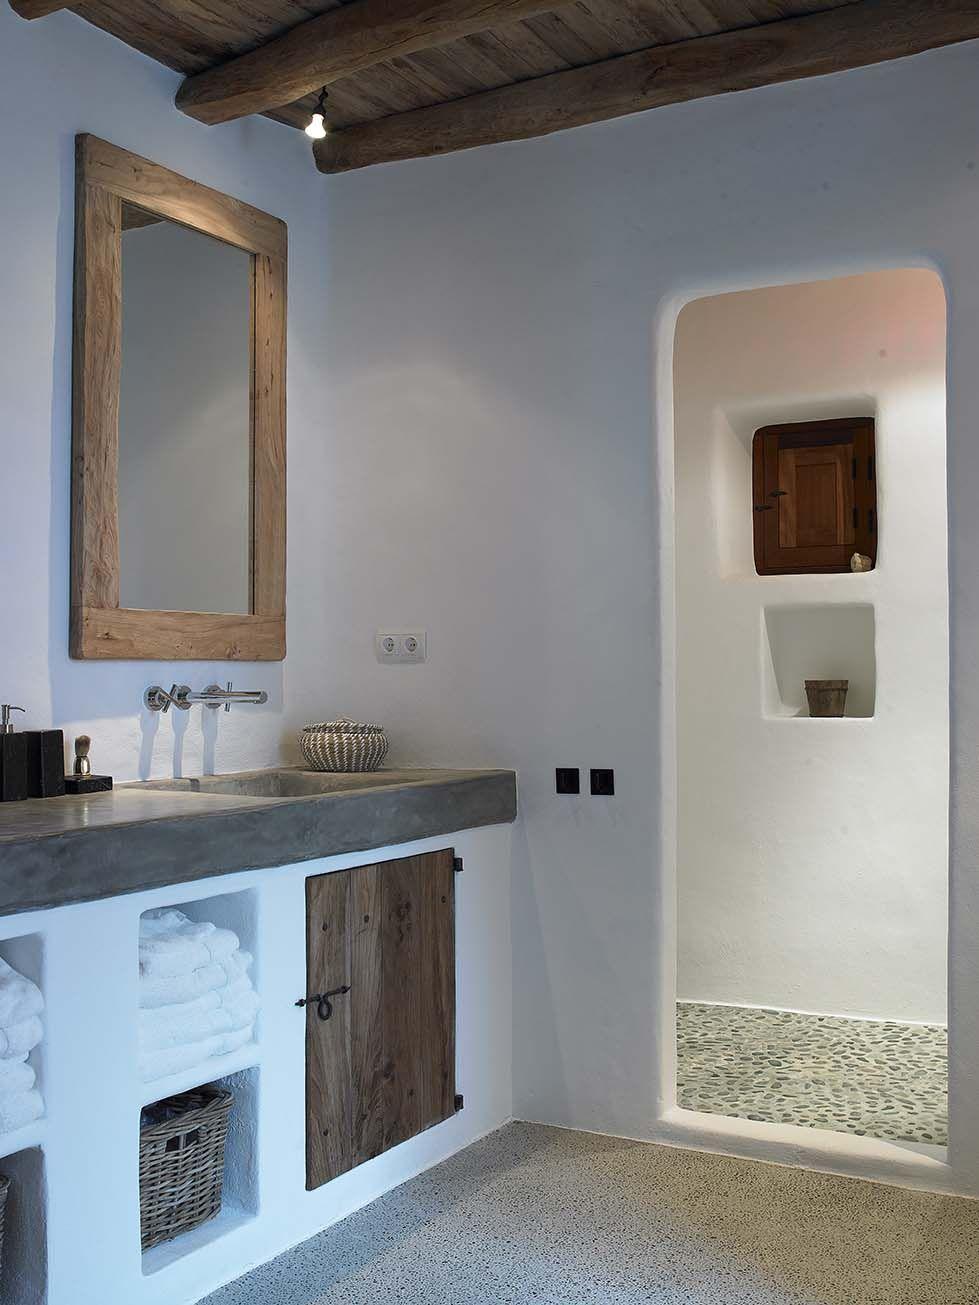 Ba o bathroom ba os pinterest ba o ba os y for Casas para almacenaje